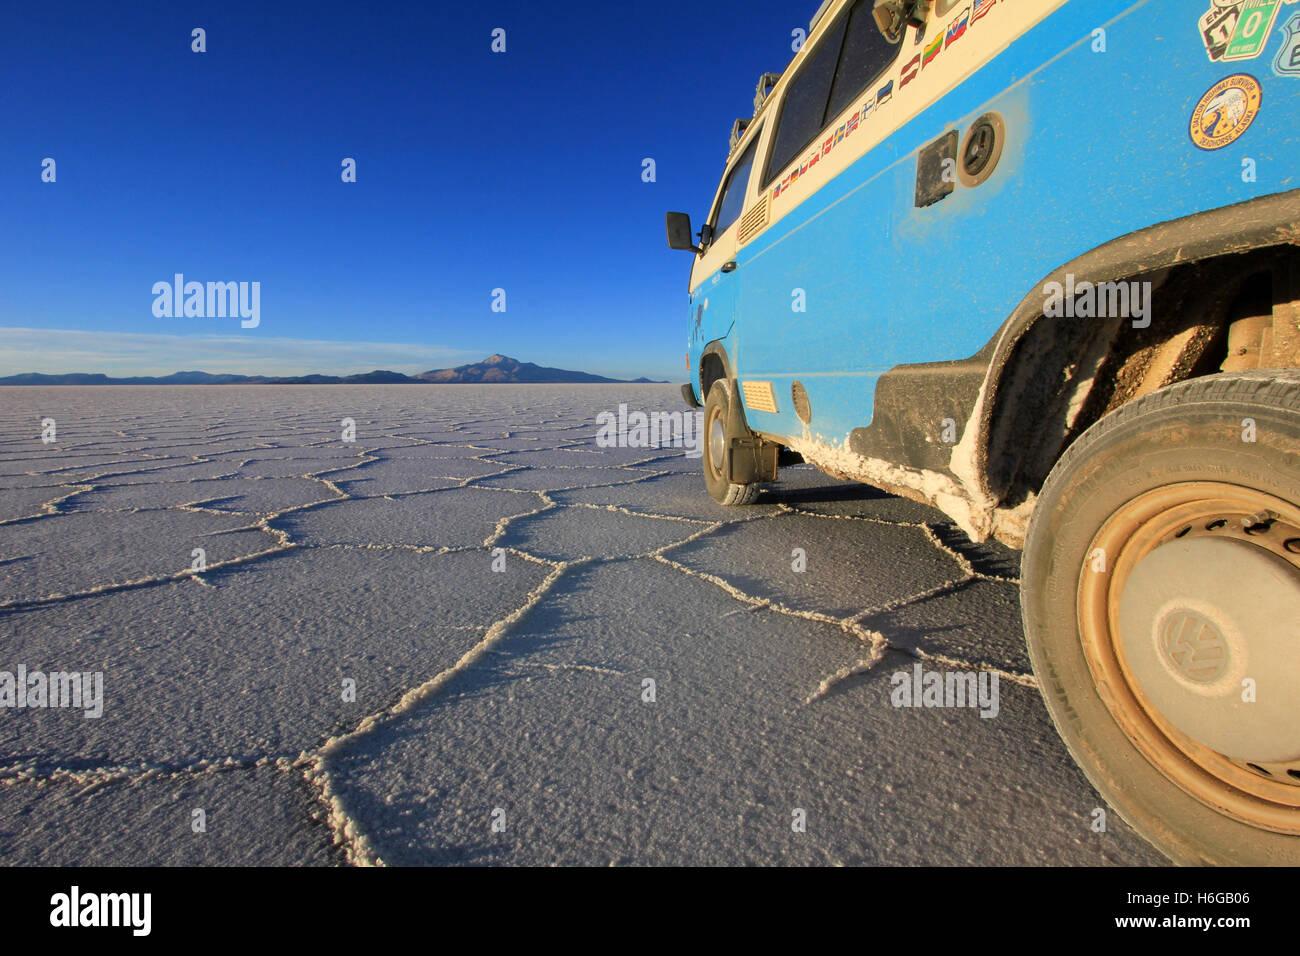 Van en el Salar de Uyuni, el lago de sal, Bolivia Imagen De Stock